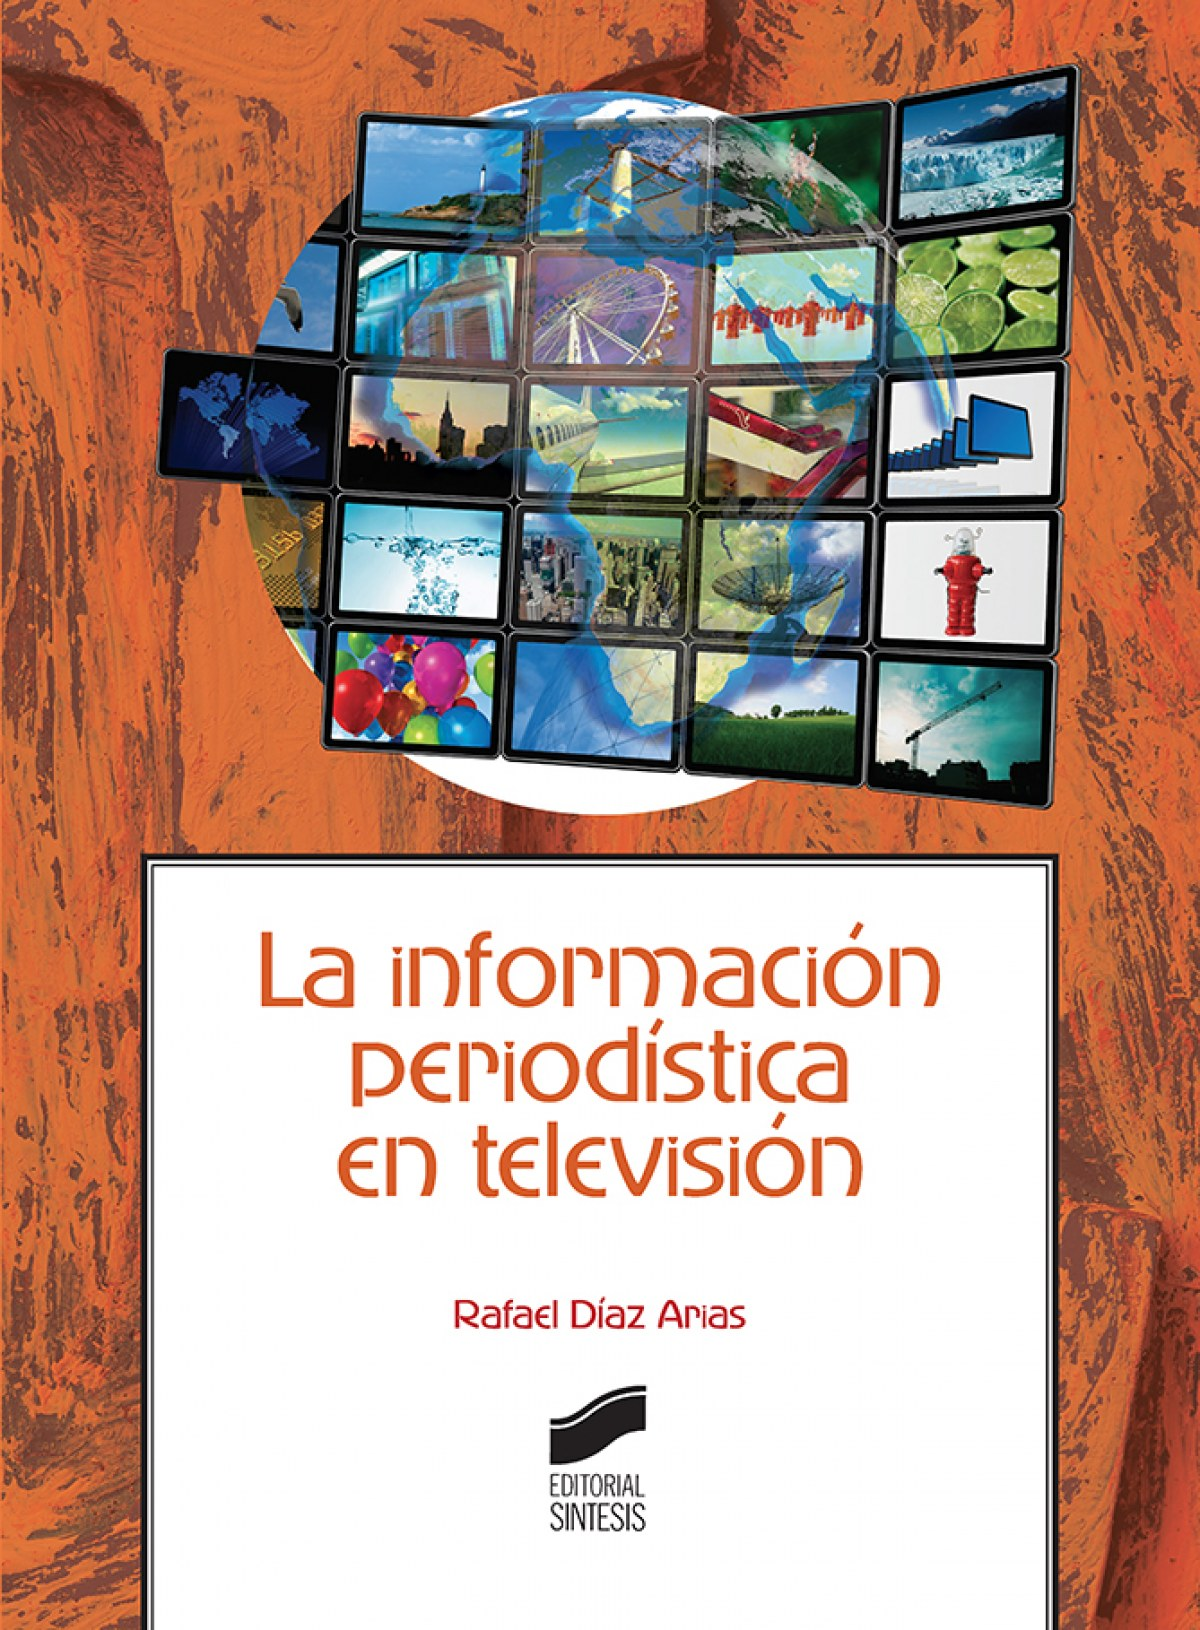 INFORMACION PERIODISTICA EN TELEVISION